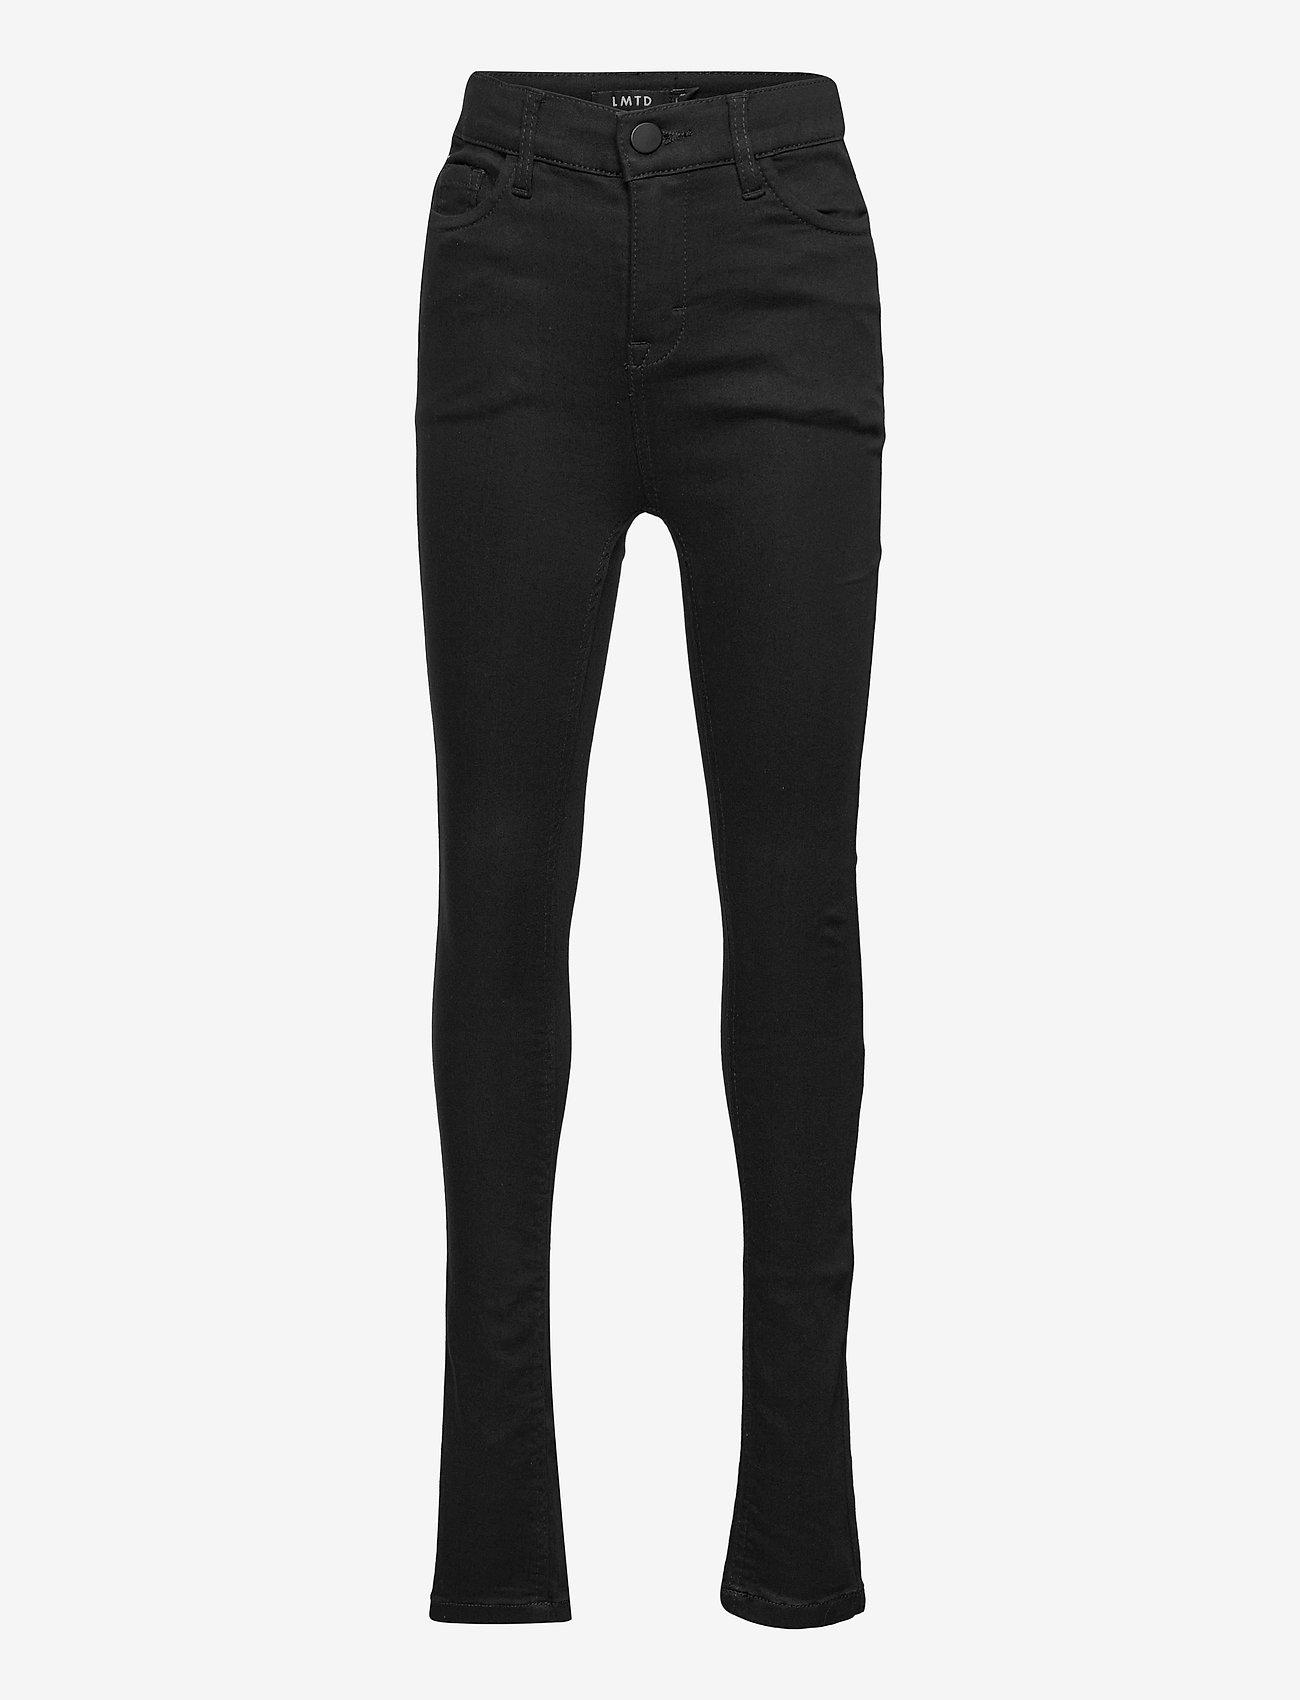 LMTD - NLFPIL DNMTECILLE 7376 HW PANT - jeans - black denim - 0